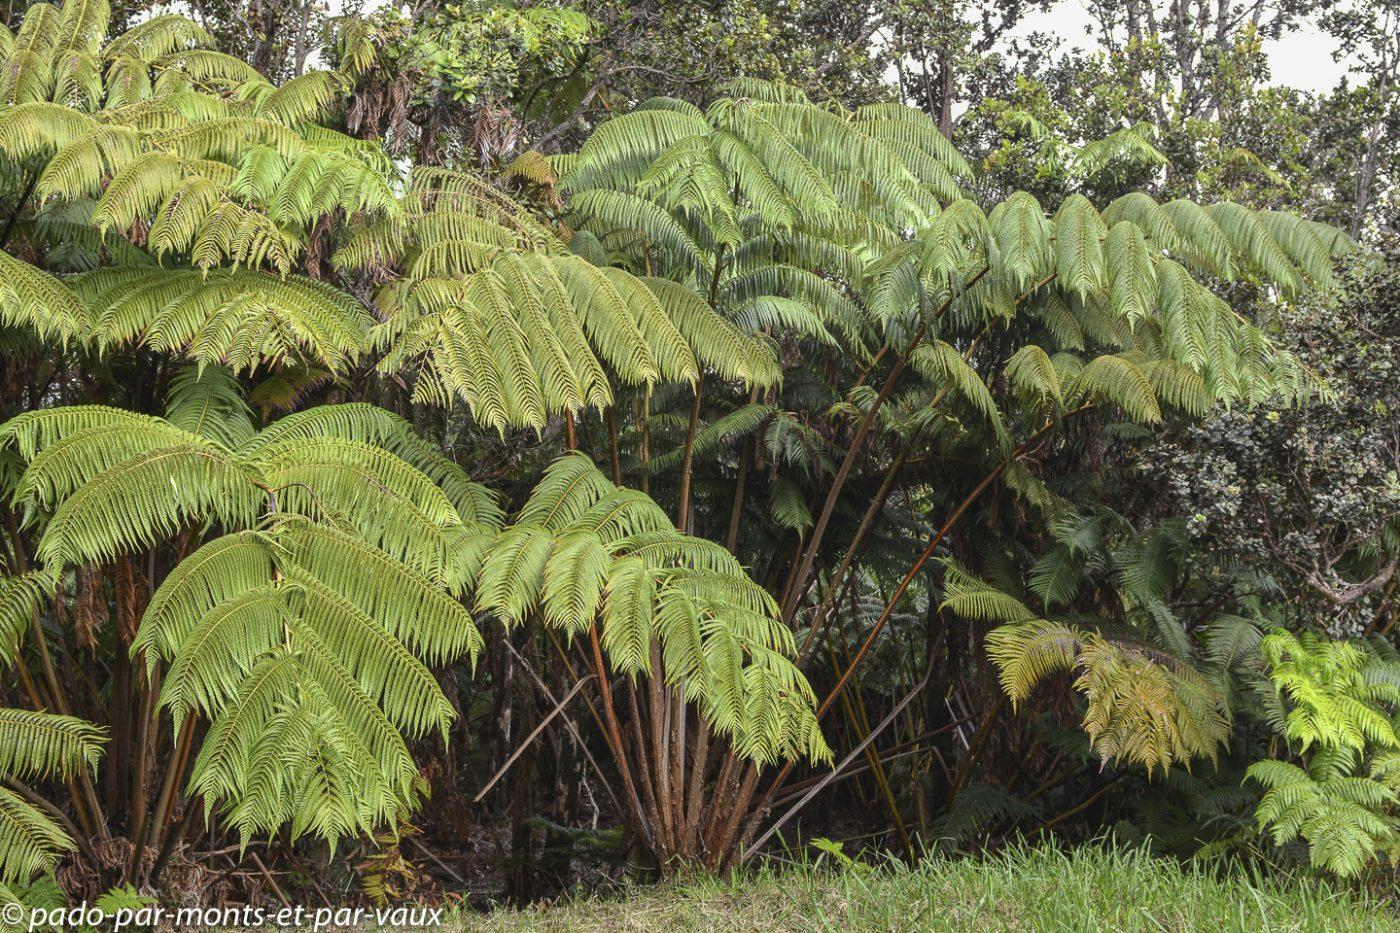 Big Island - Paniolo cottage - Fougères arborescentes